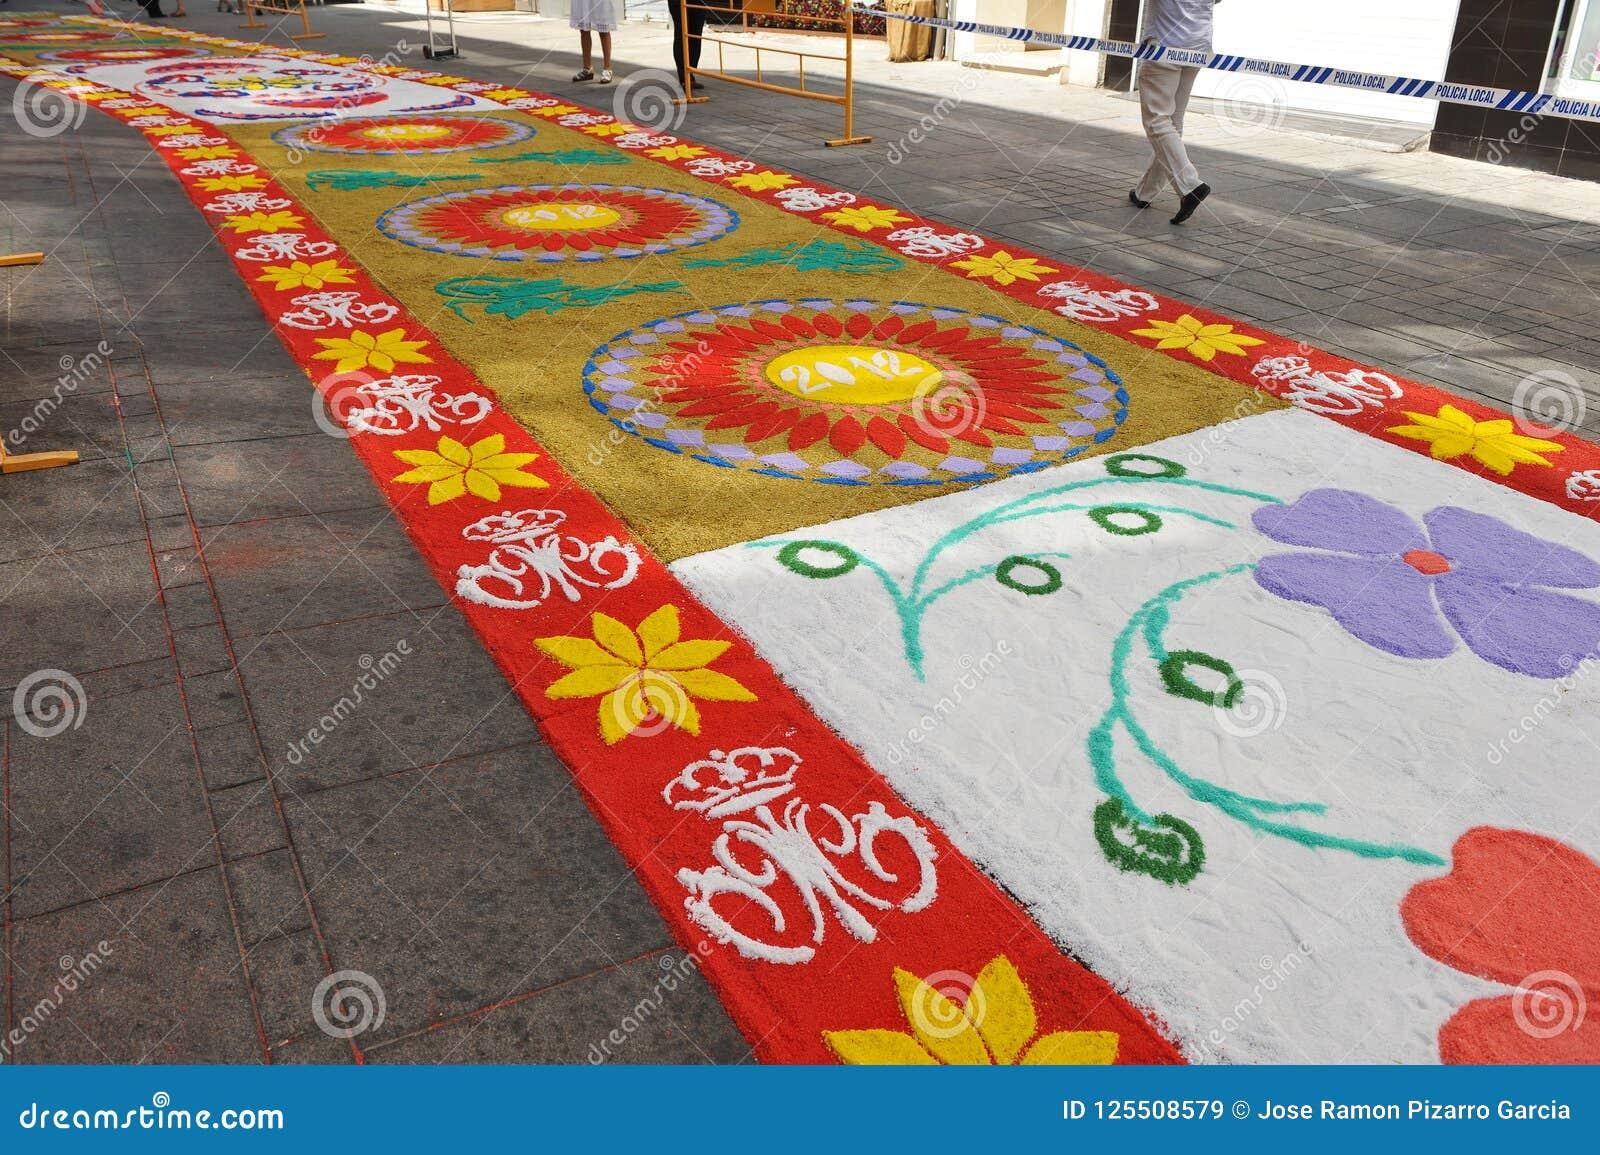 维尔京的队伍的五颜六色的地毯,安大路西亚,西班牙